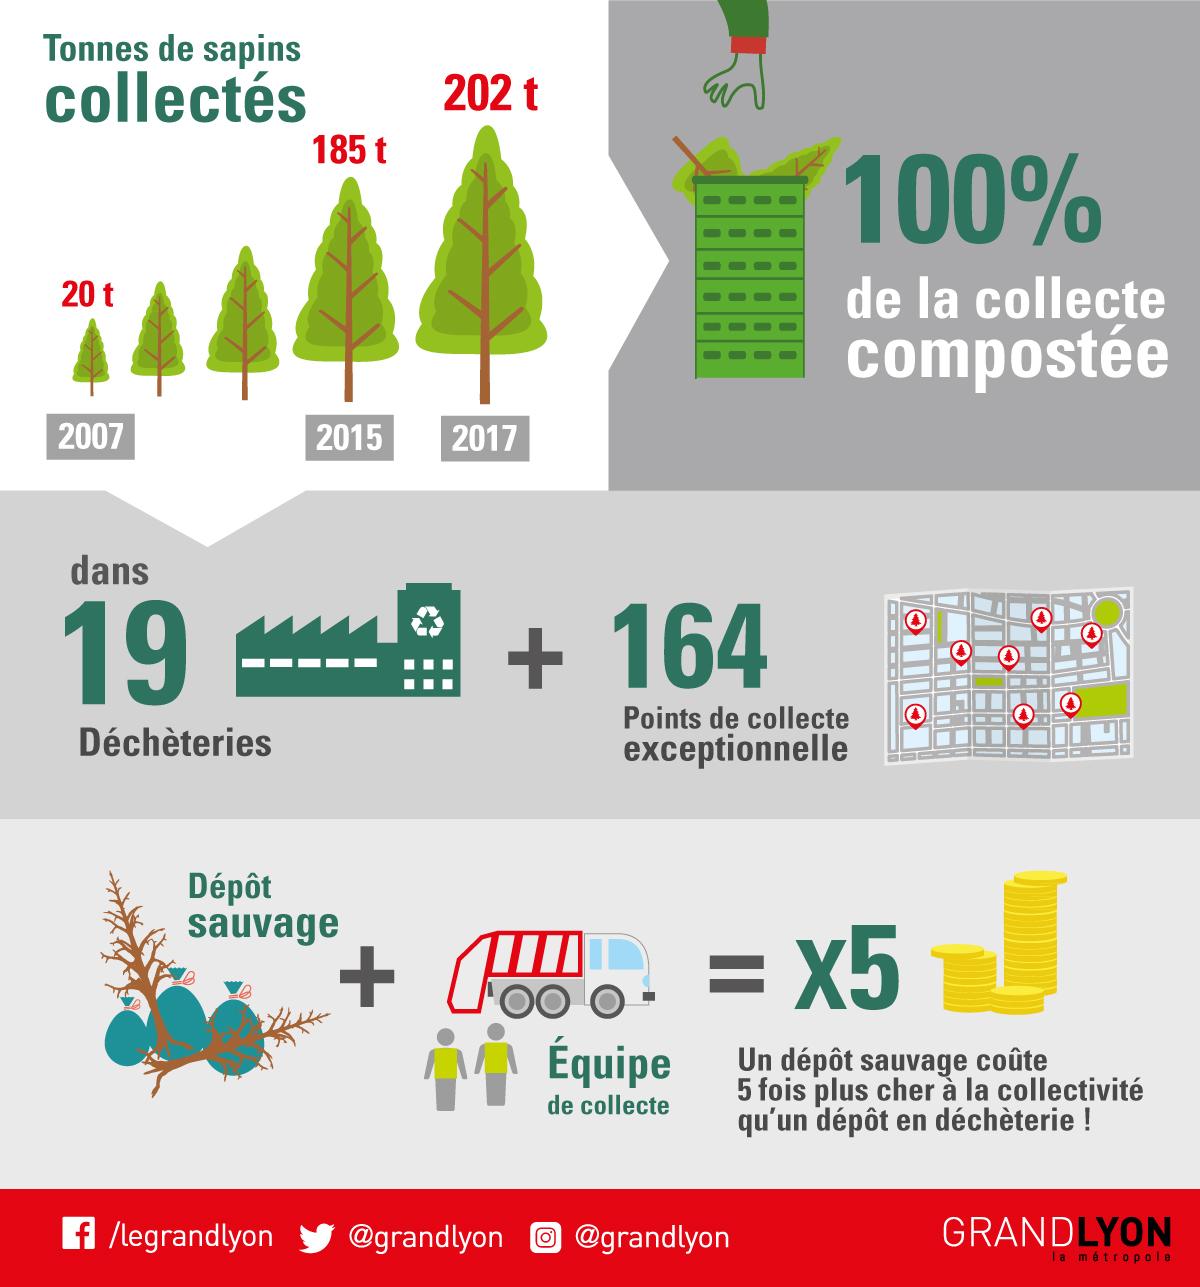 202 tonnes de sapins ont été ramassés dans la Métropole de Lyon lors de la période hivernale.